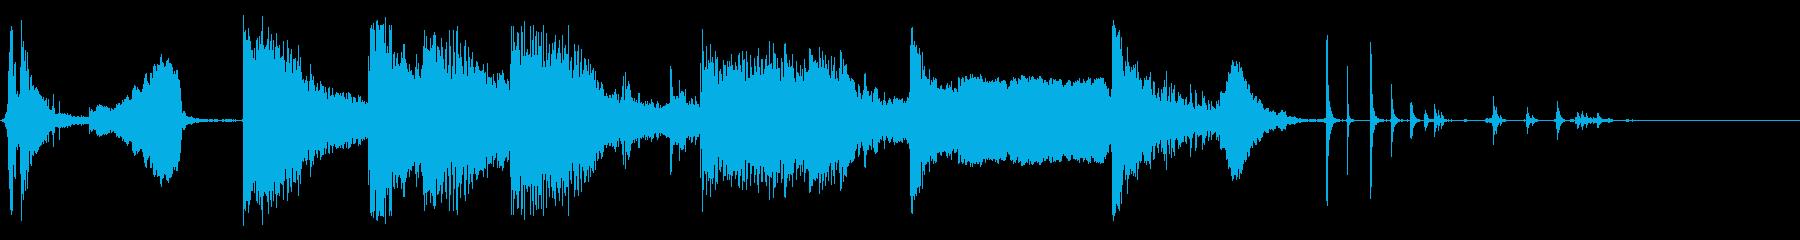 ロングドライブ:ボールの跳ね返りが...の再生済みの波形